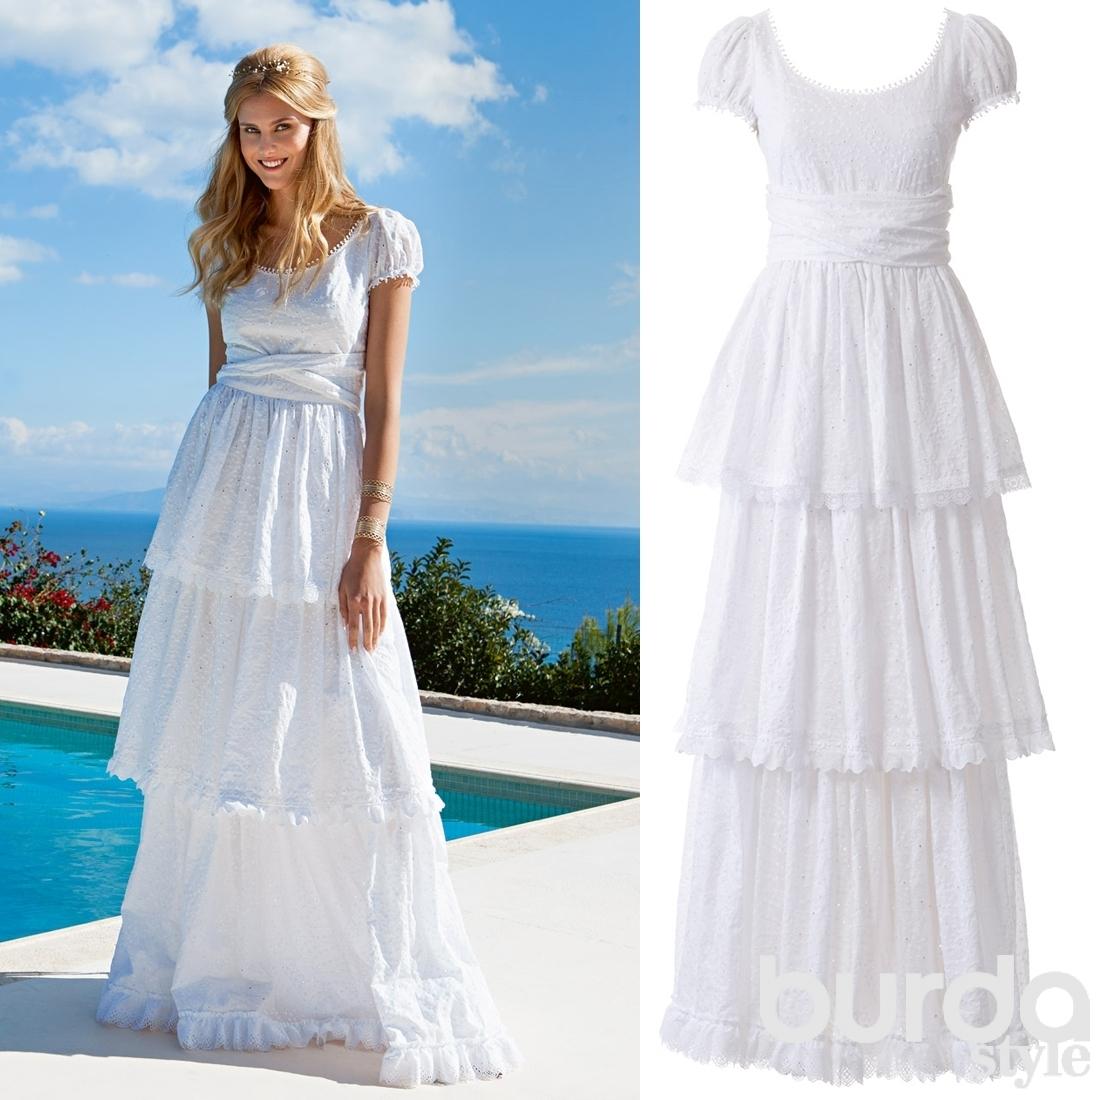 10 выкроек свадебных платьев от Burda / Шитье / Burdastyle